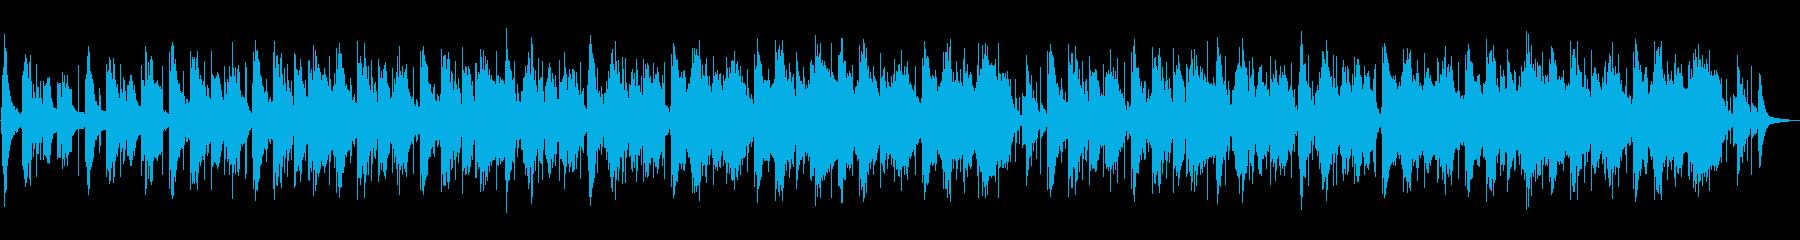 スロー・感動的な二胡アジアントラップの再生済みの波形